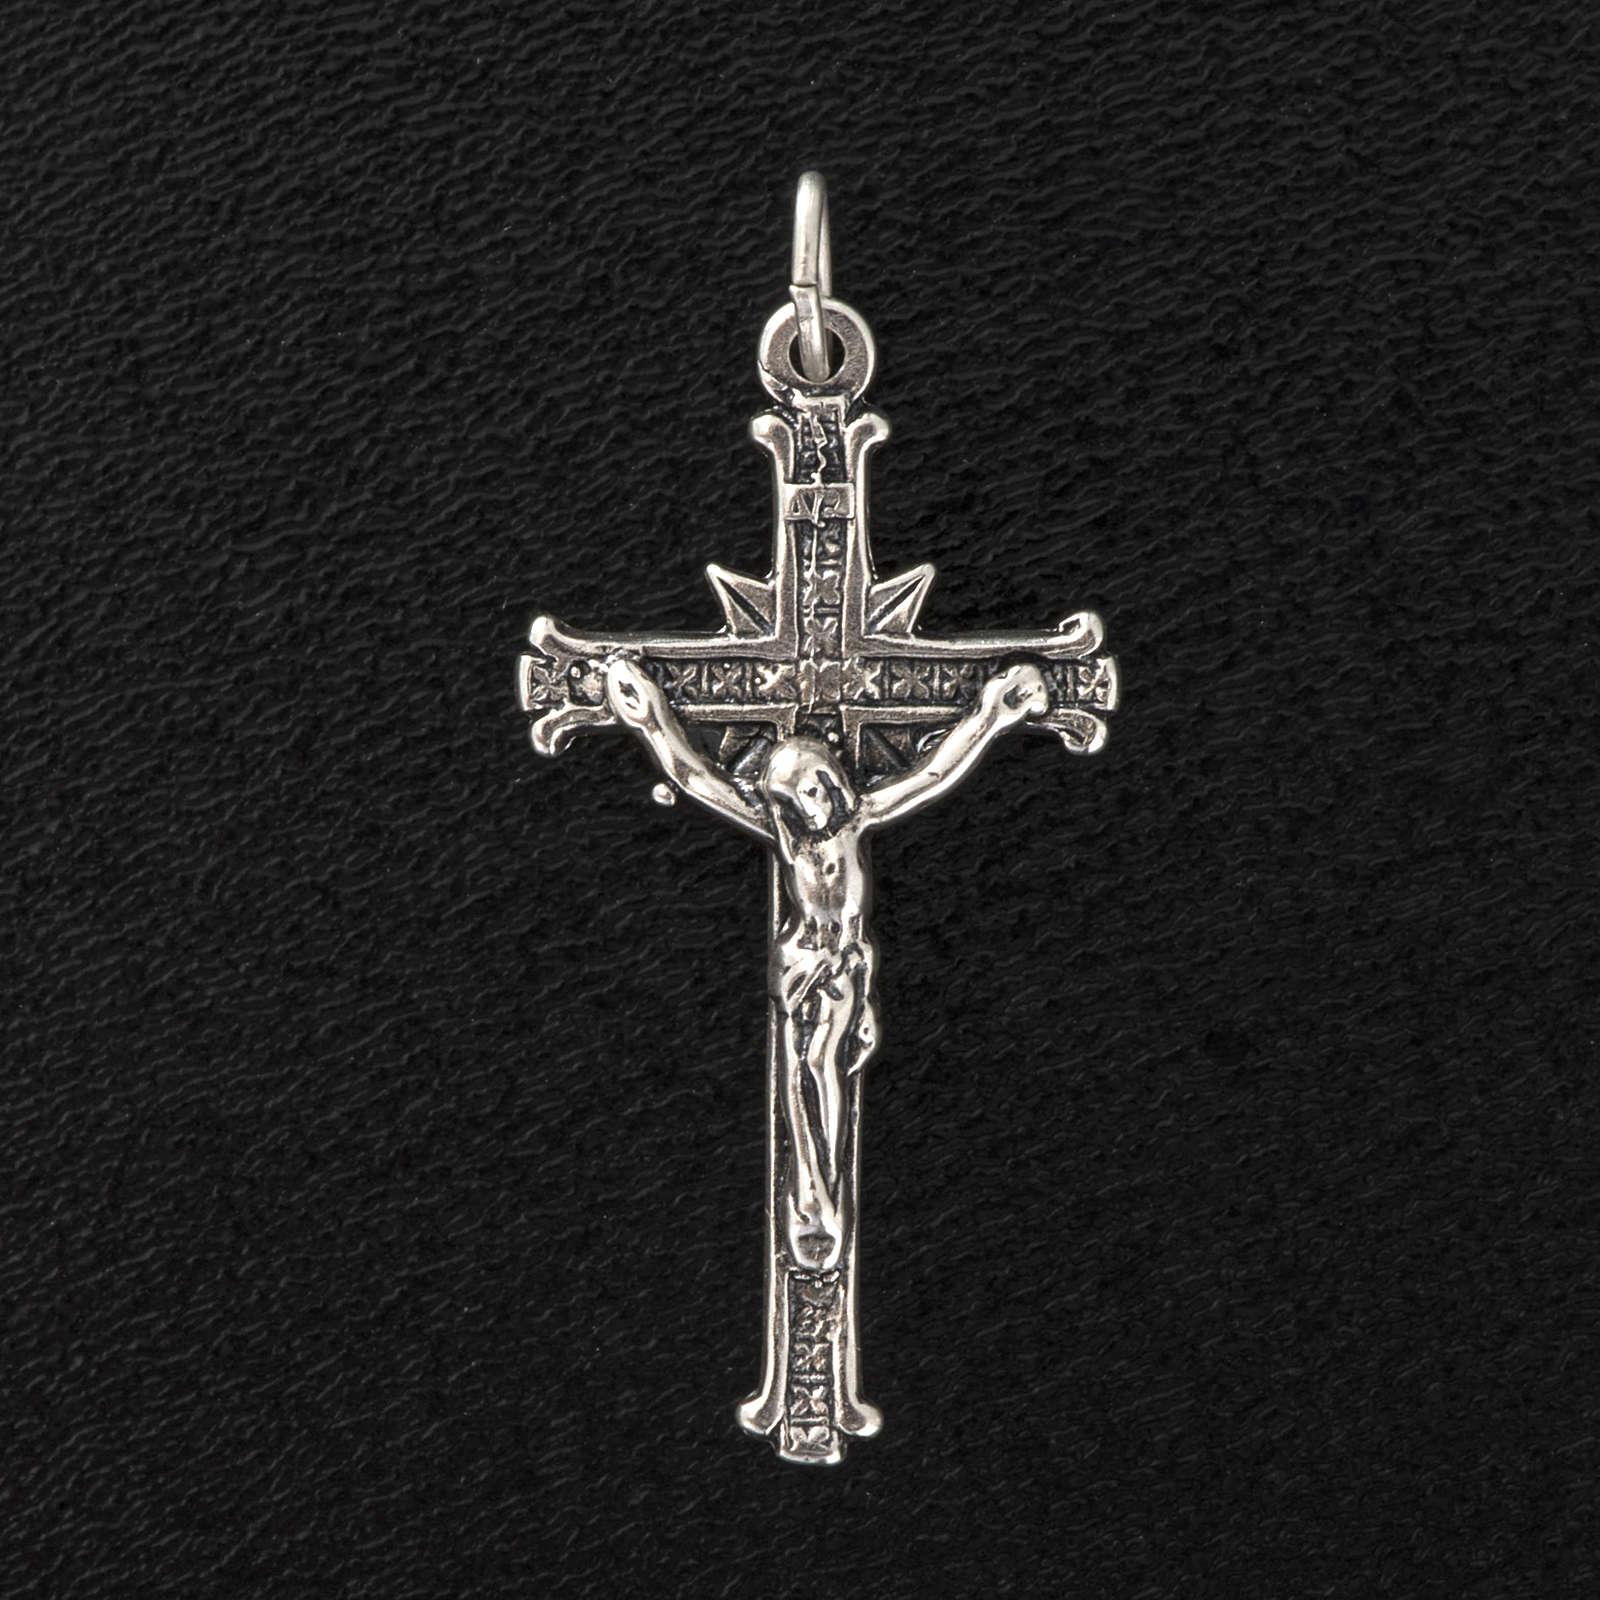 Croce argento 925 satinato cm 3.5 4